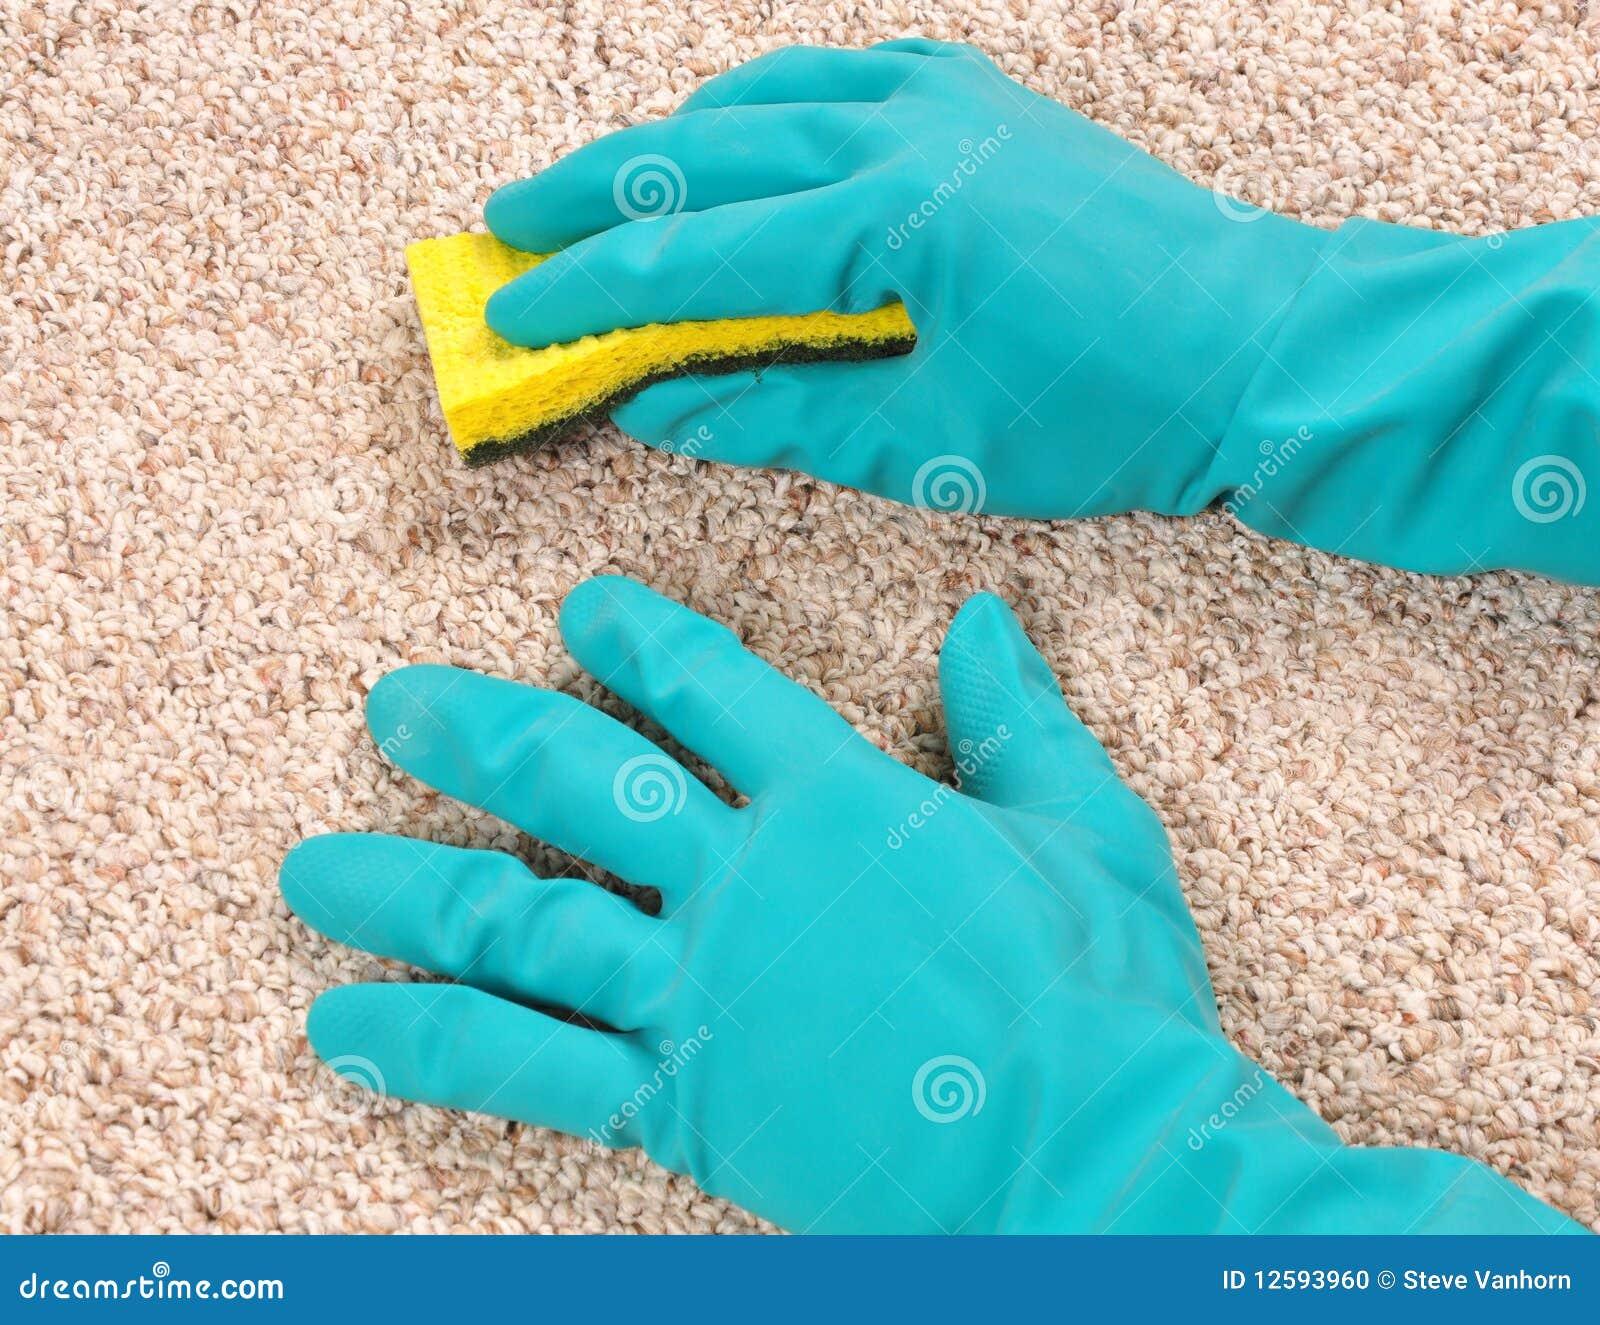 Limpieza de la alfombra foto de archivo imagen 12593960 - Limpieza casera de alfombras ...